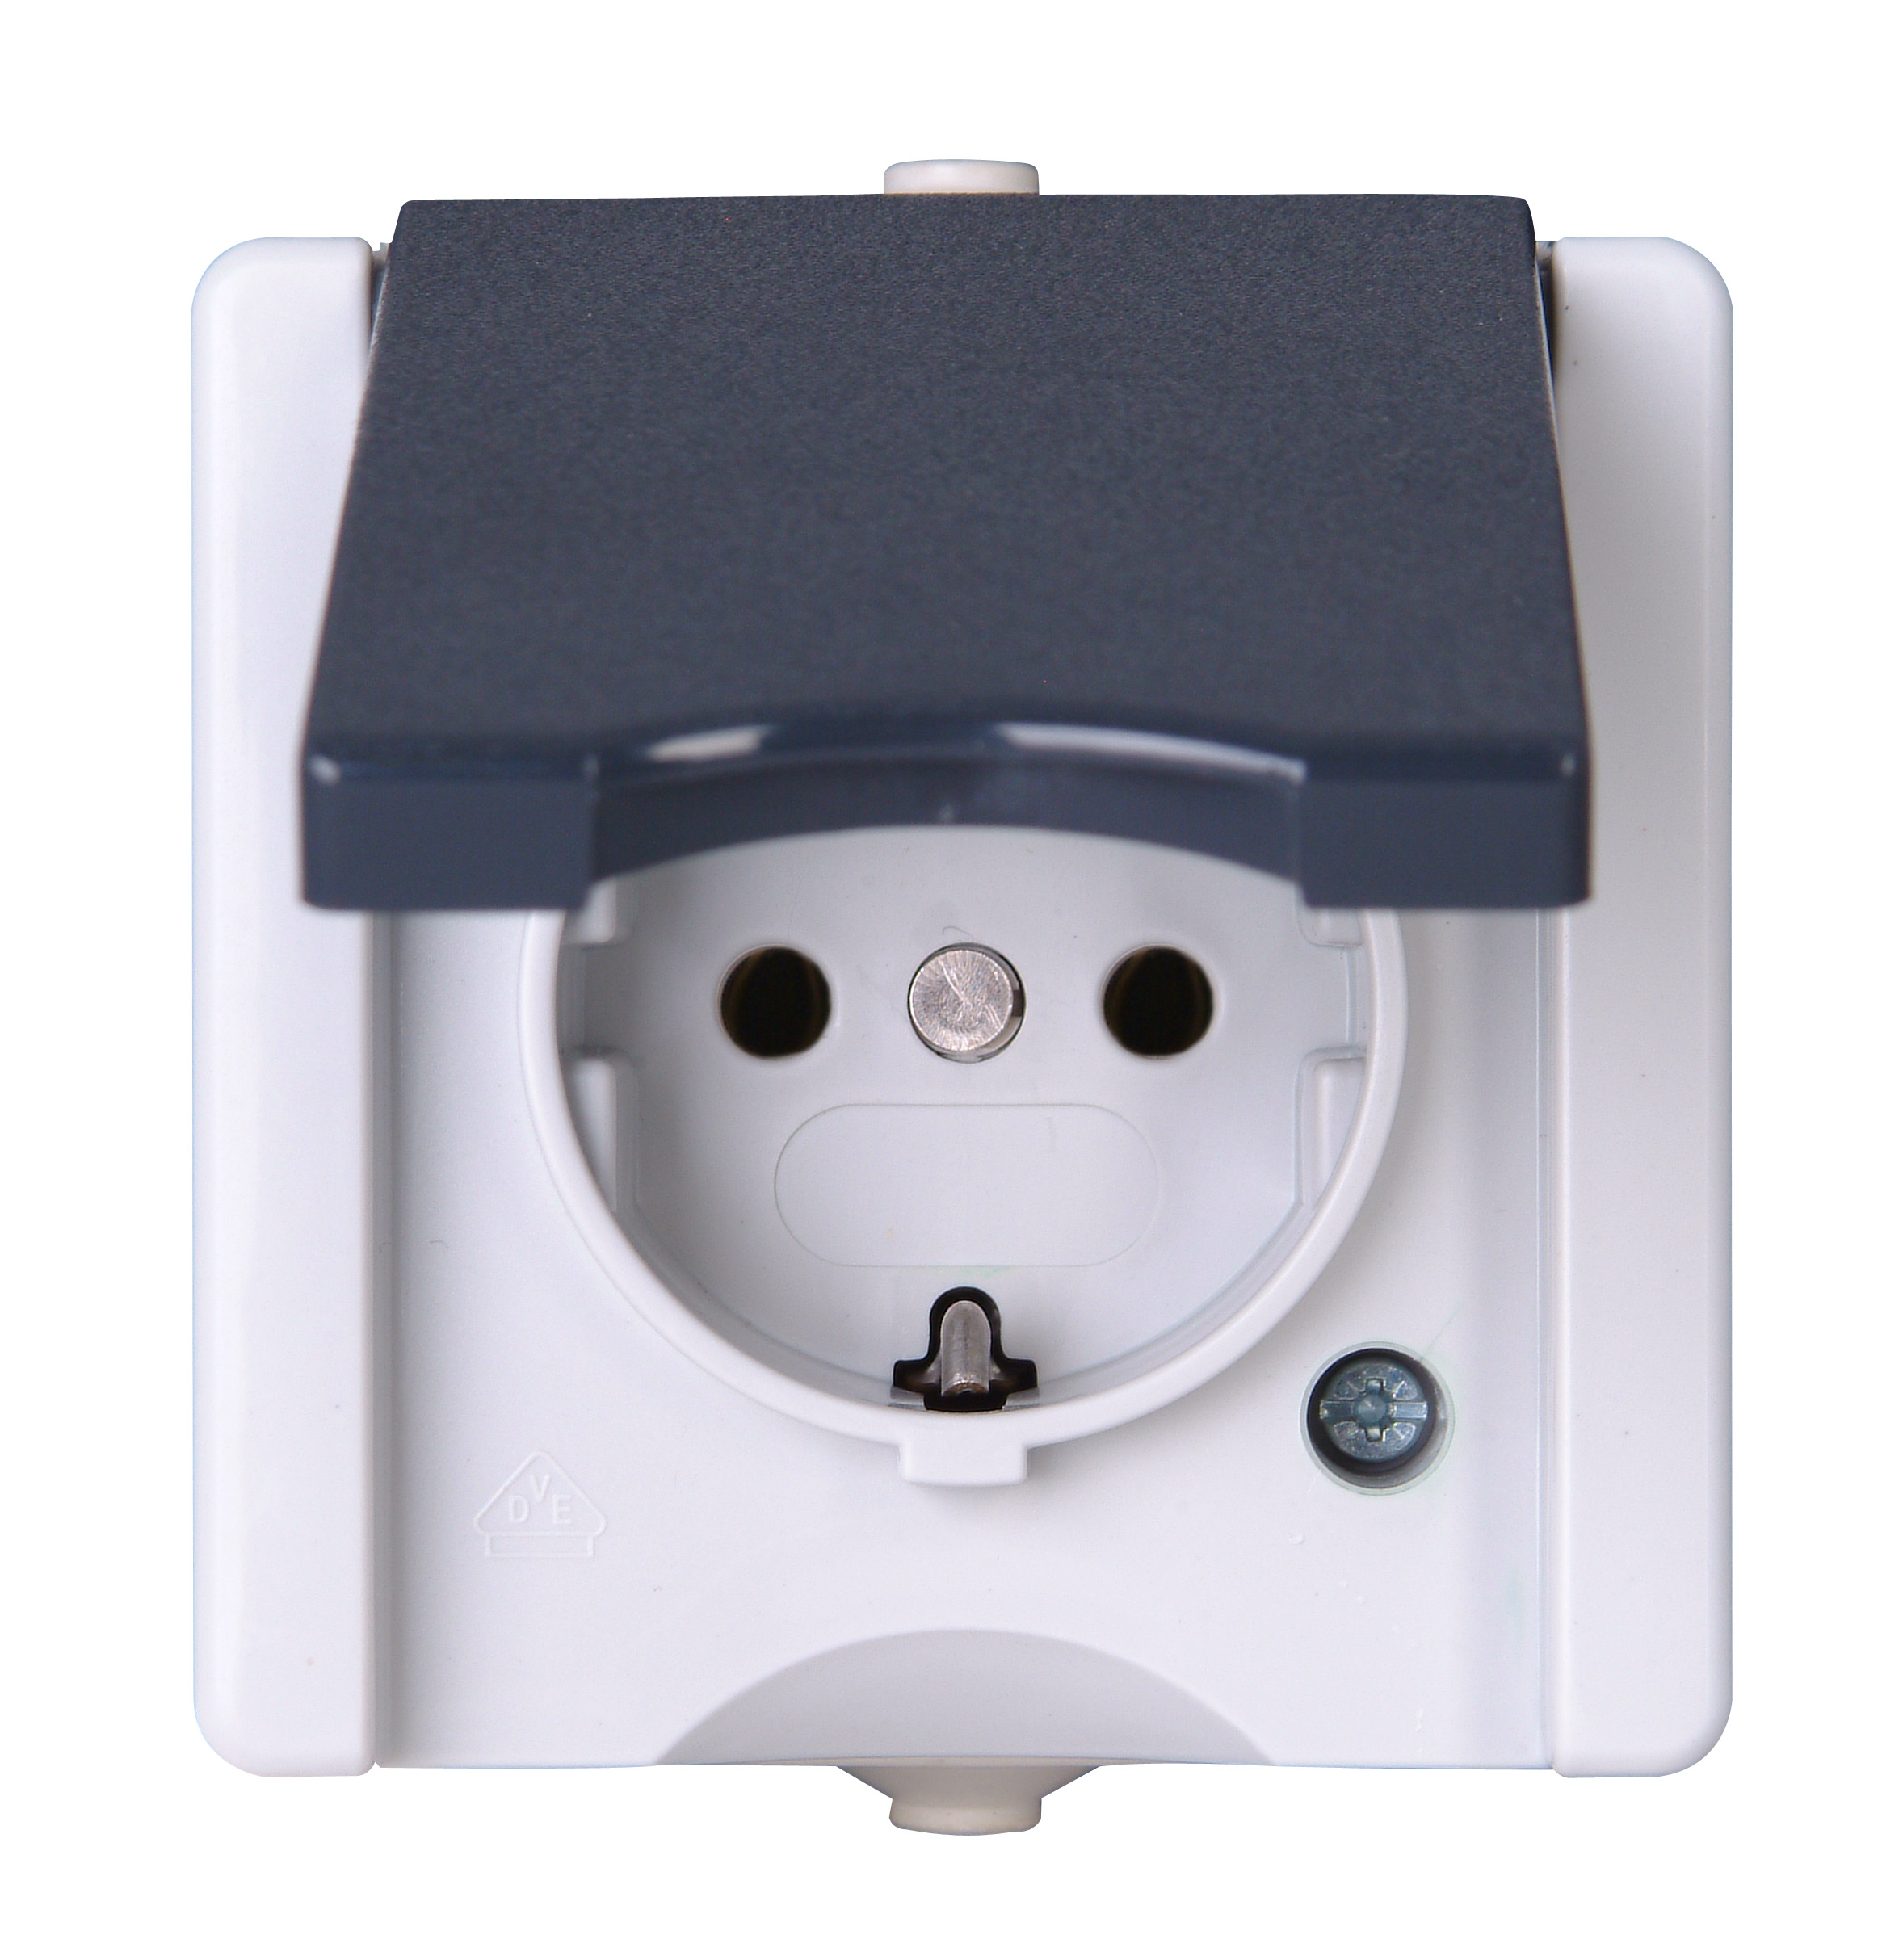 Kopp Feuchtraum Schalter Aufputz Schutzkontakt-Steckdose mit Deckel Serie proAQA